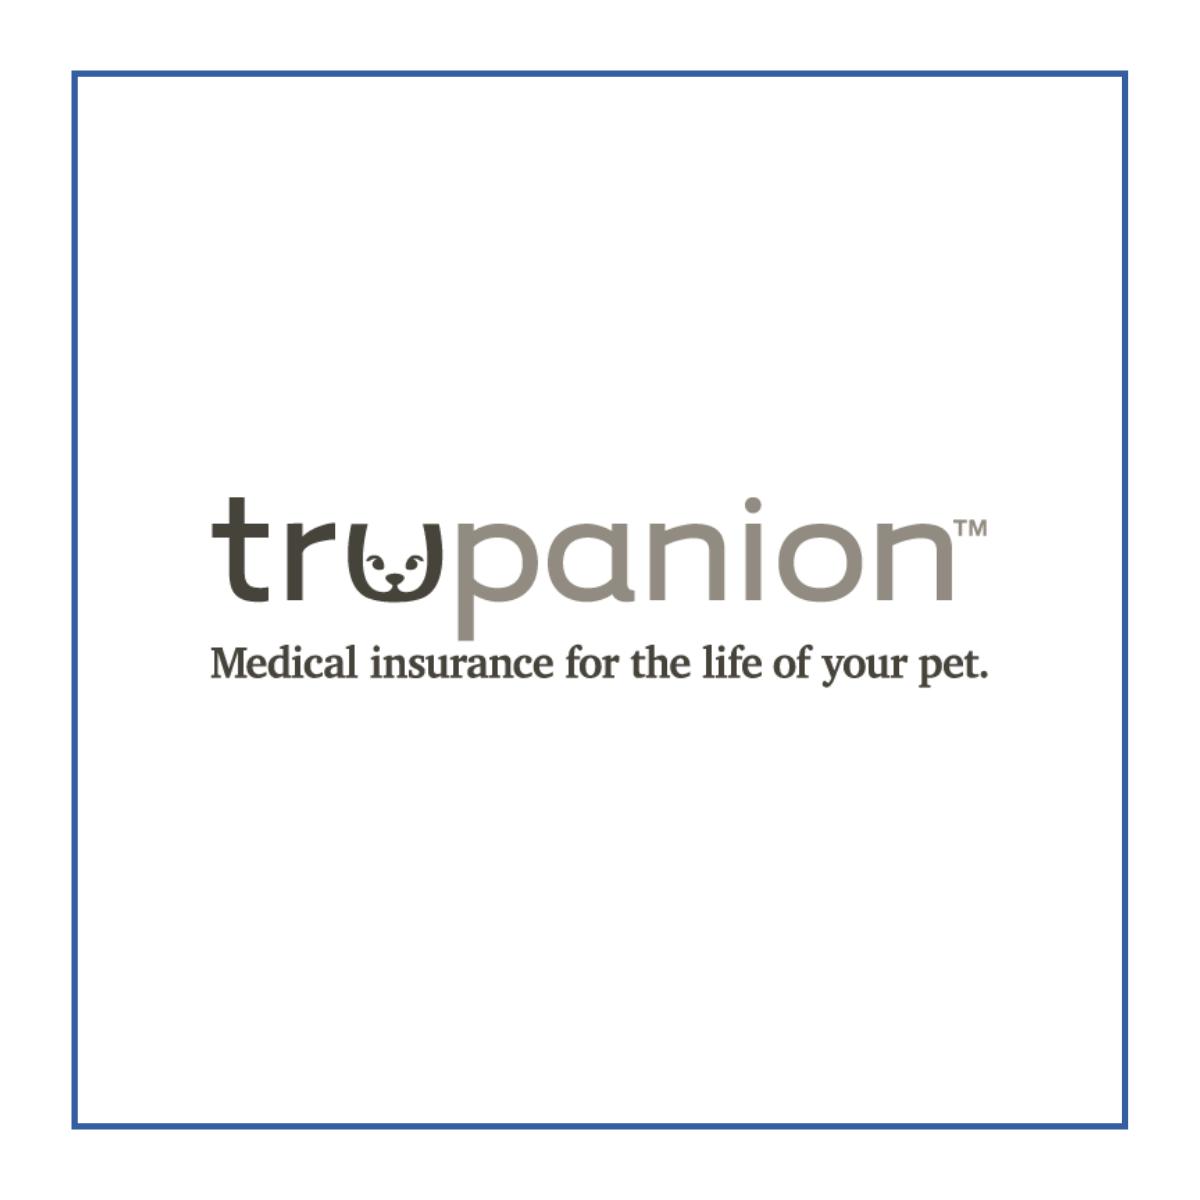 Trupanion Pet Insurance Review